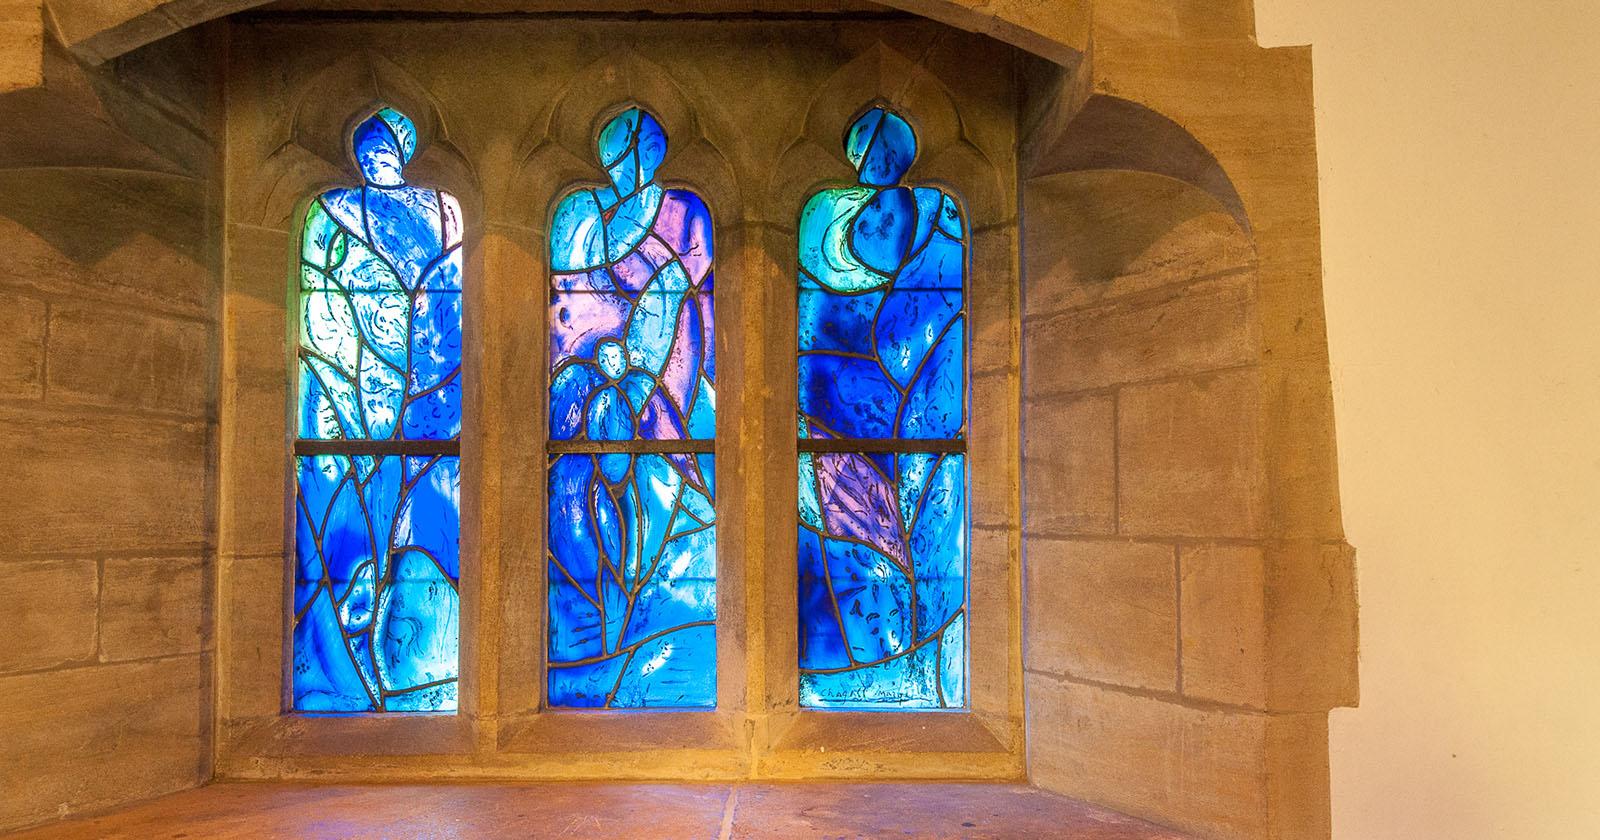 Chagall Windows at Tudeley Church by David Hodgkinson